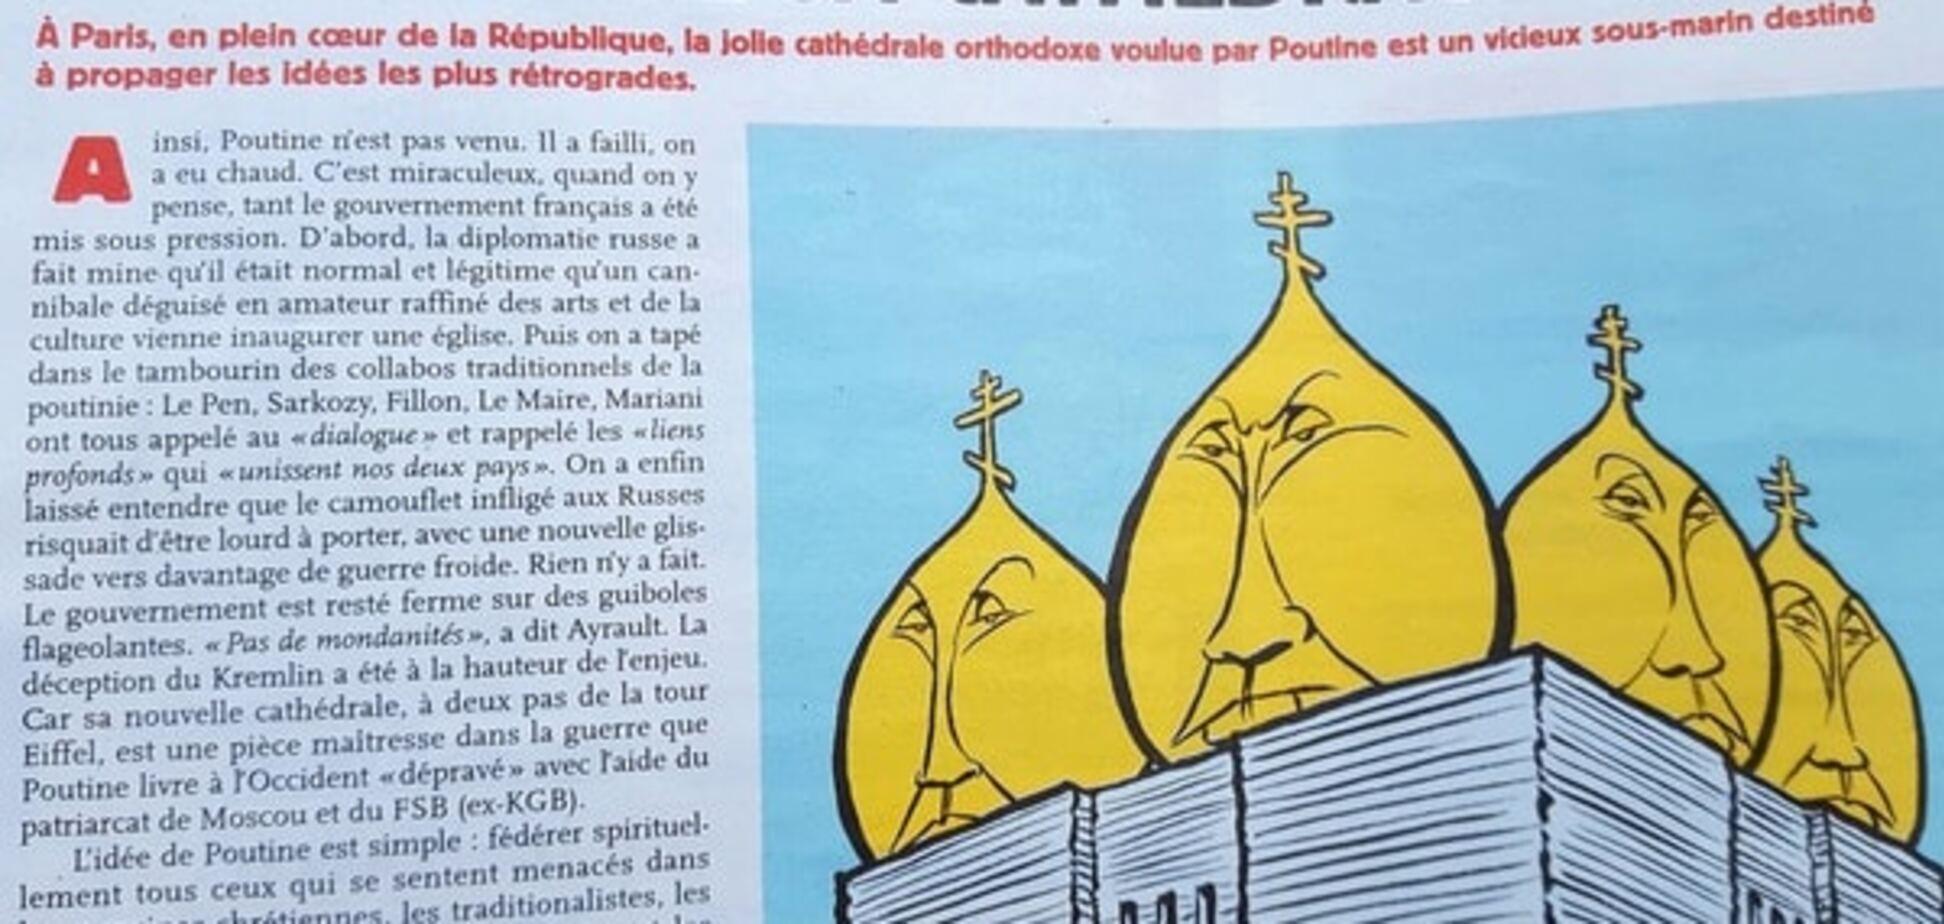 Карикатура Charlie Hebdo на відкриття православного собору в Парижі